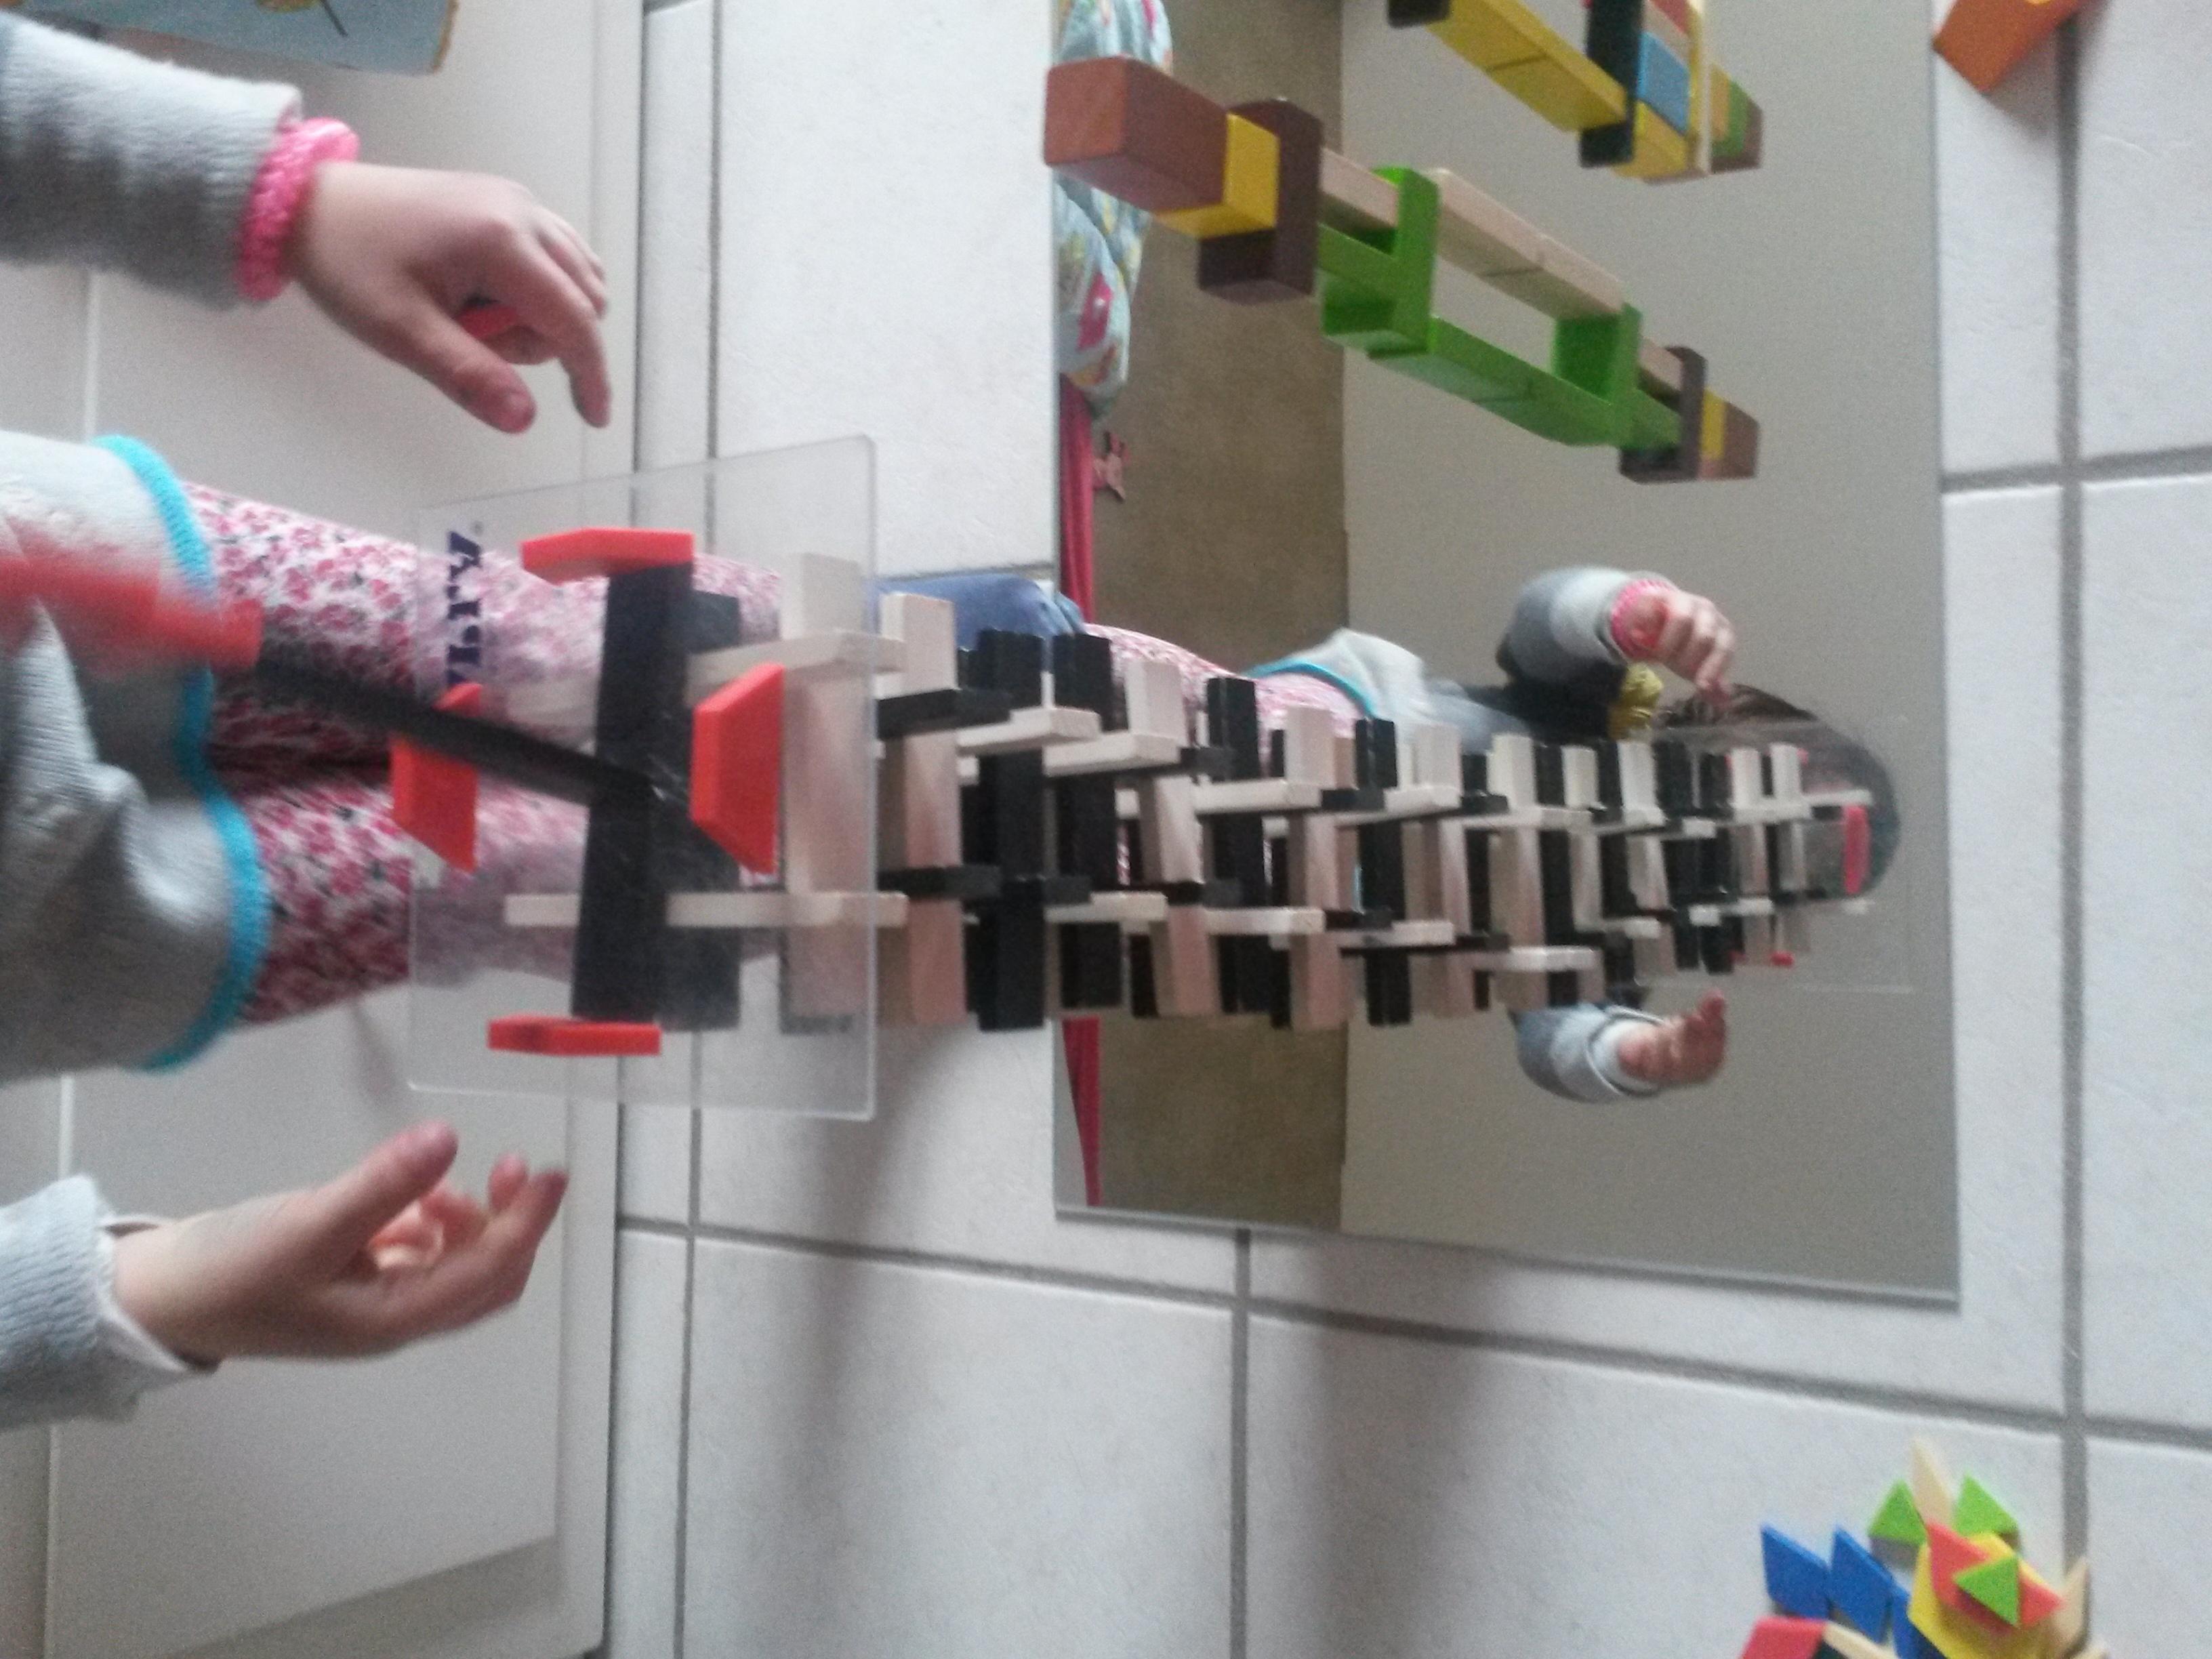 Des jeux sur miroir inspir s par reggio for Fille au miroir